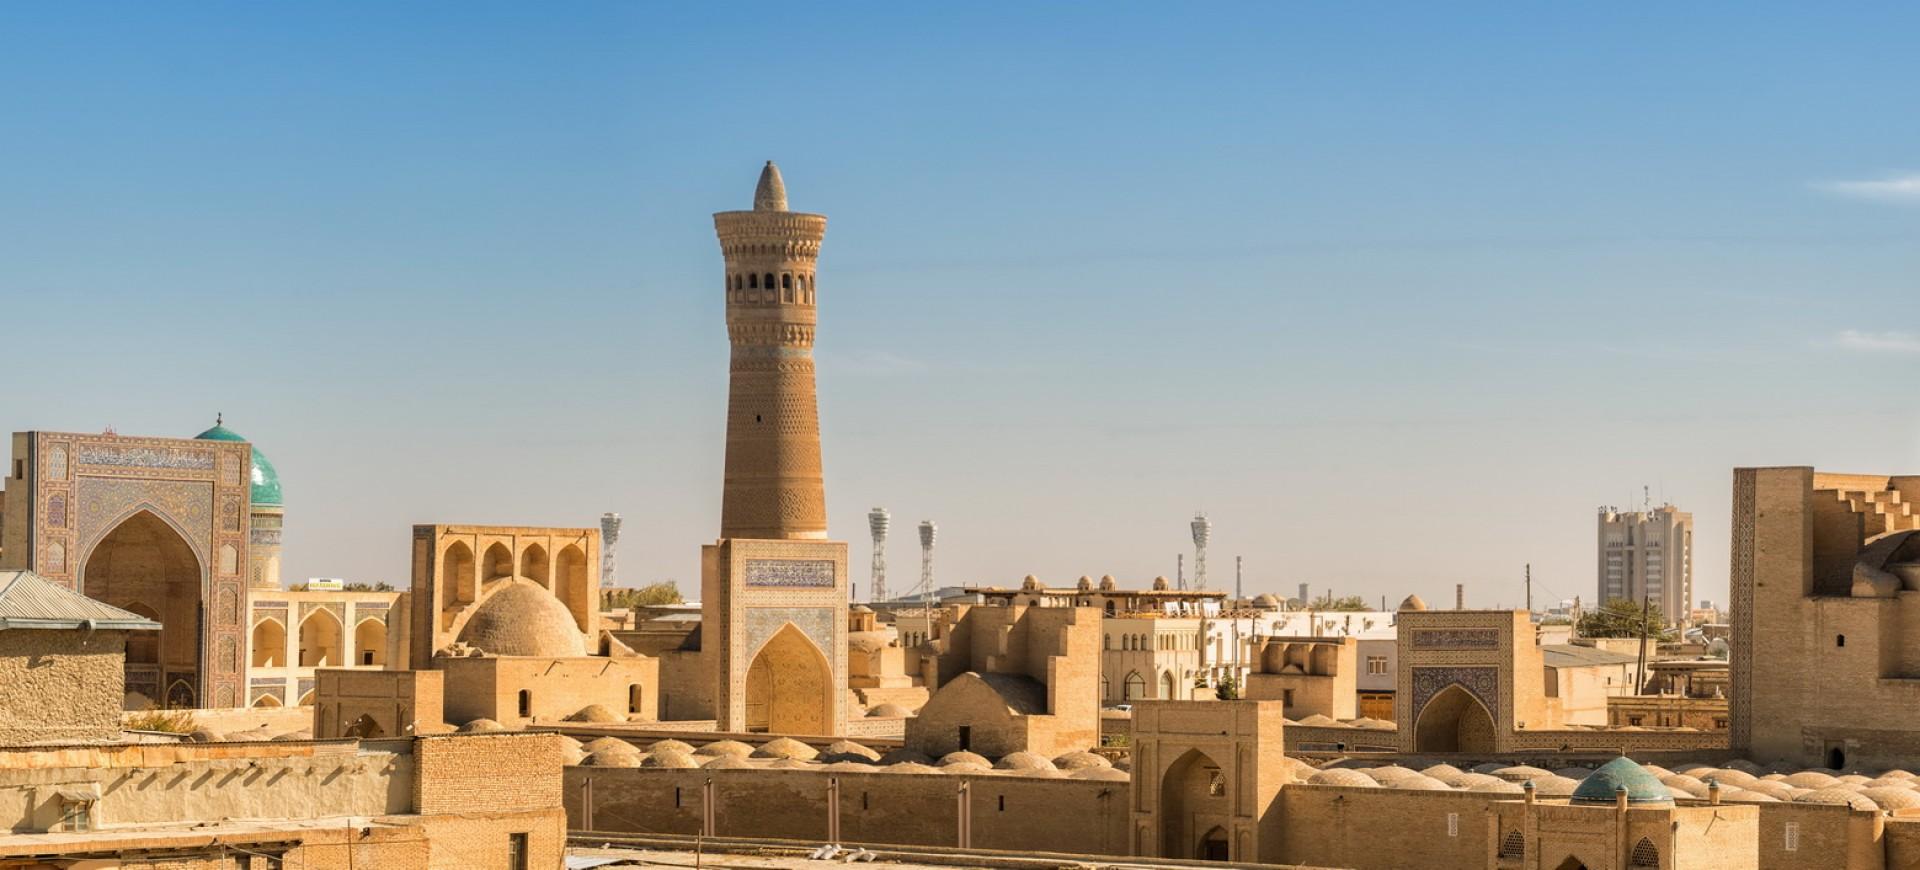 Nos voyages et séjours en Asie Centrale